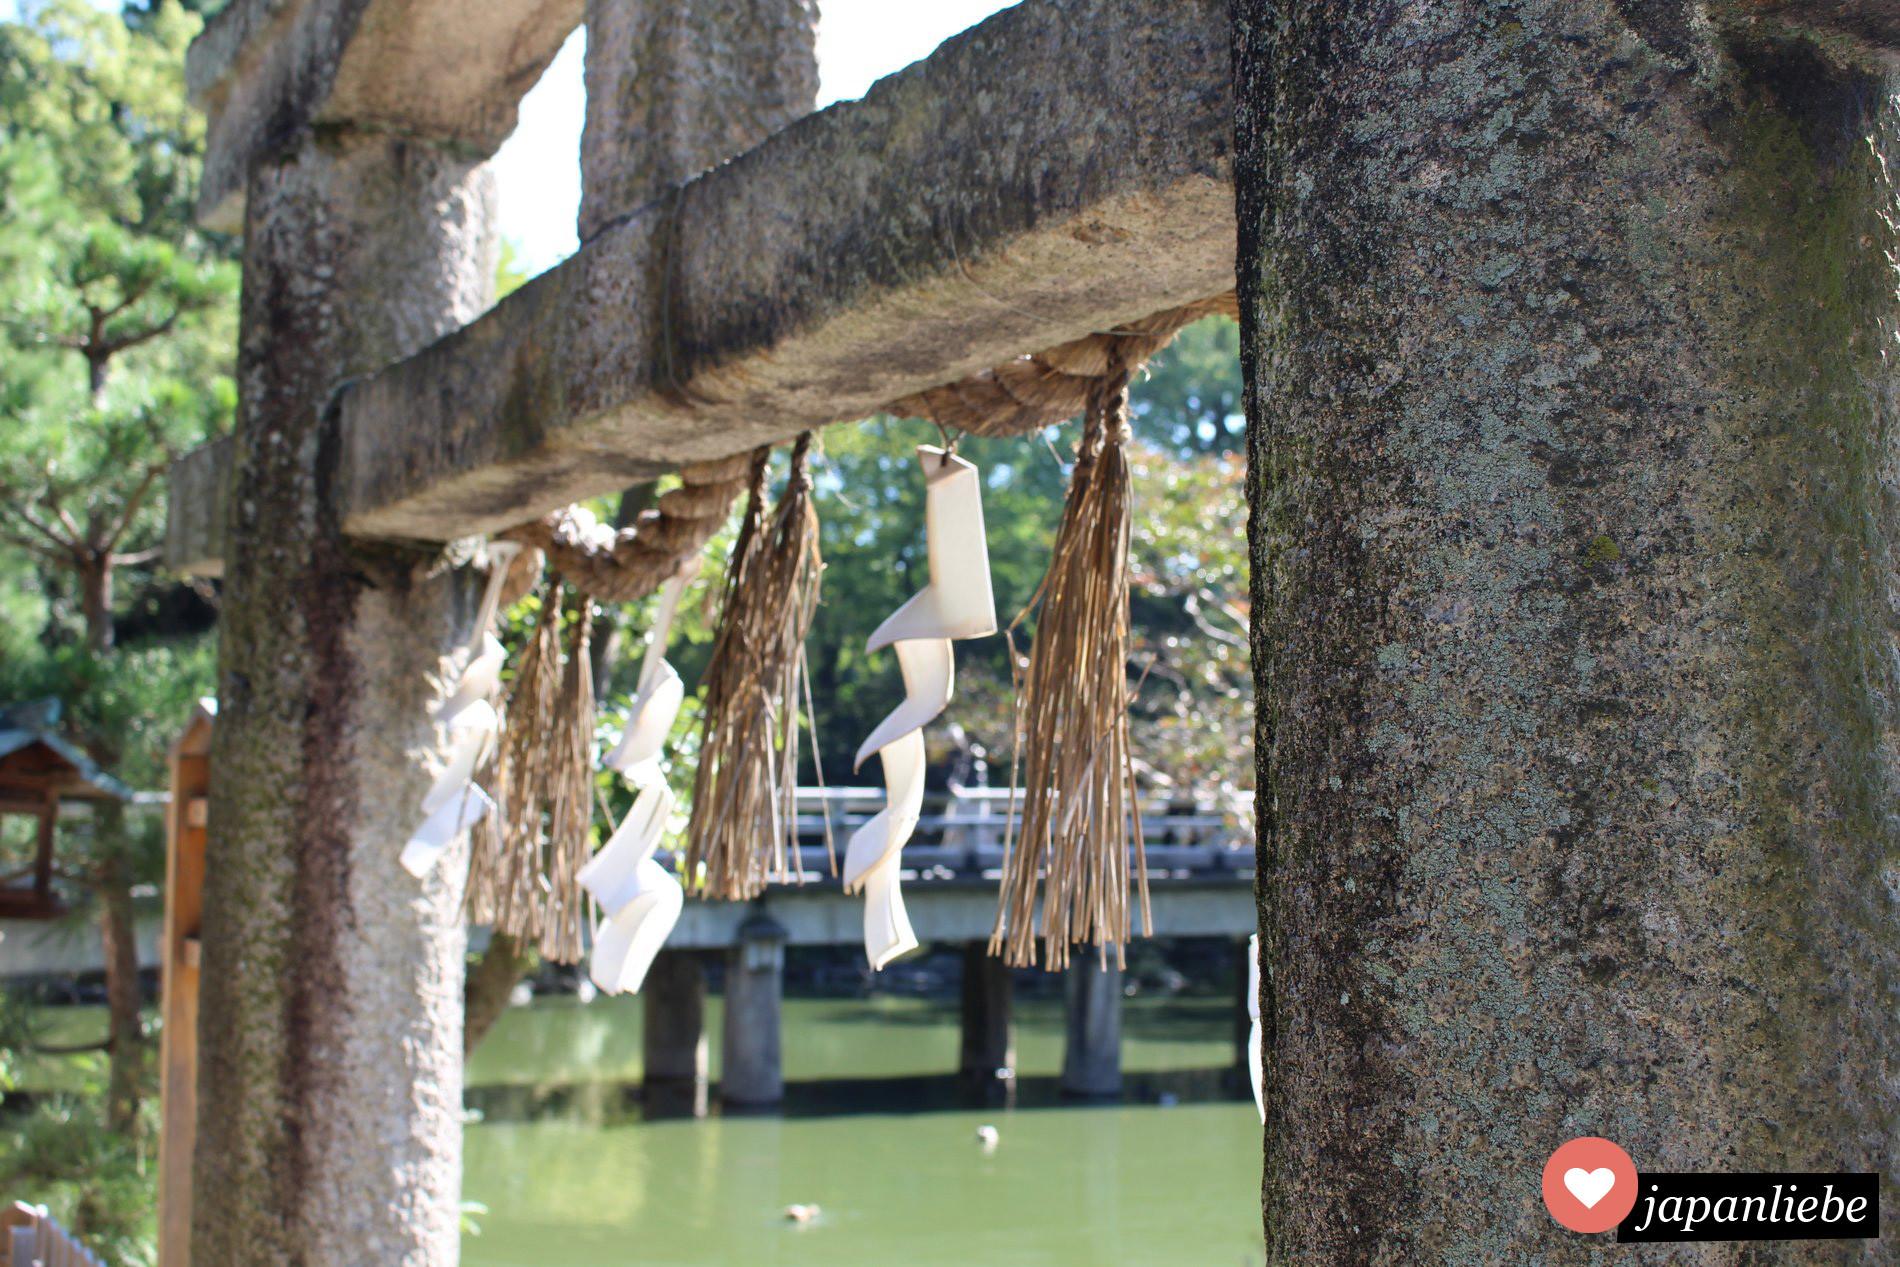 Stein-torii mit shide  Zickzack-Papier am Itsukushima Schrein in Kyōto.